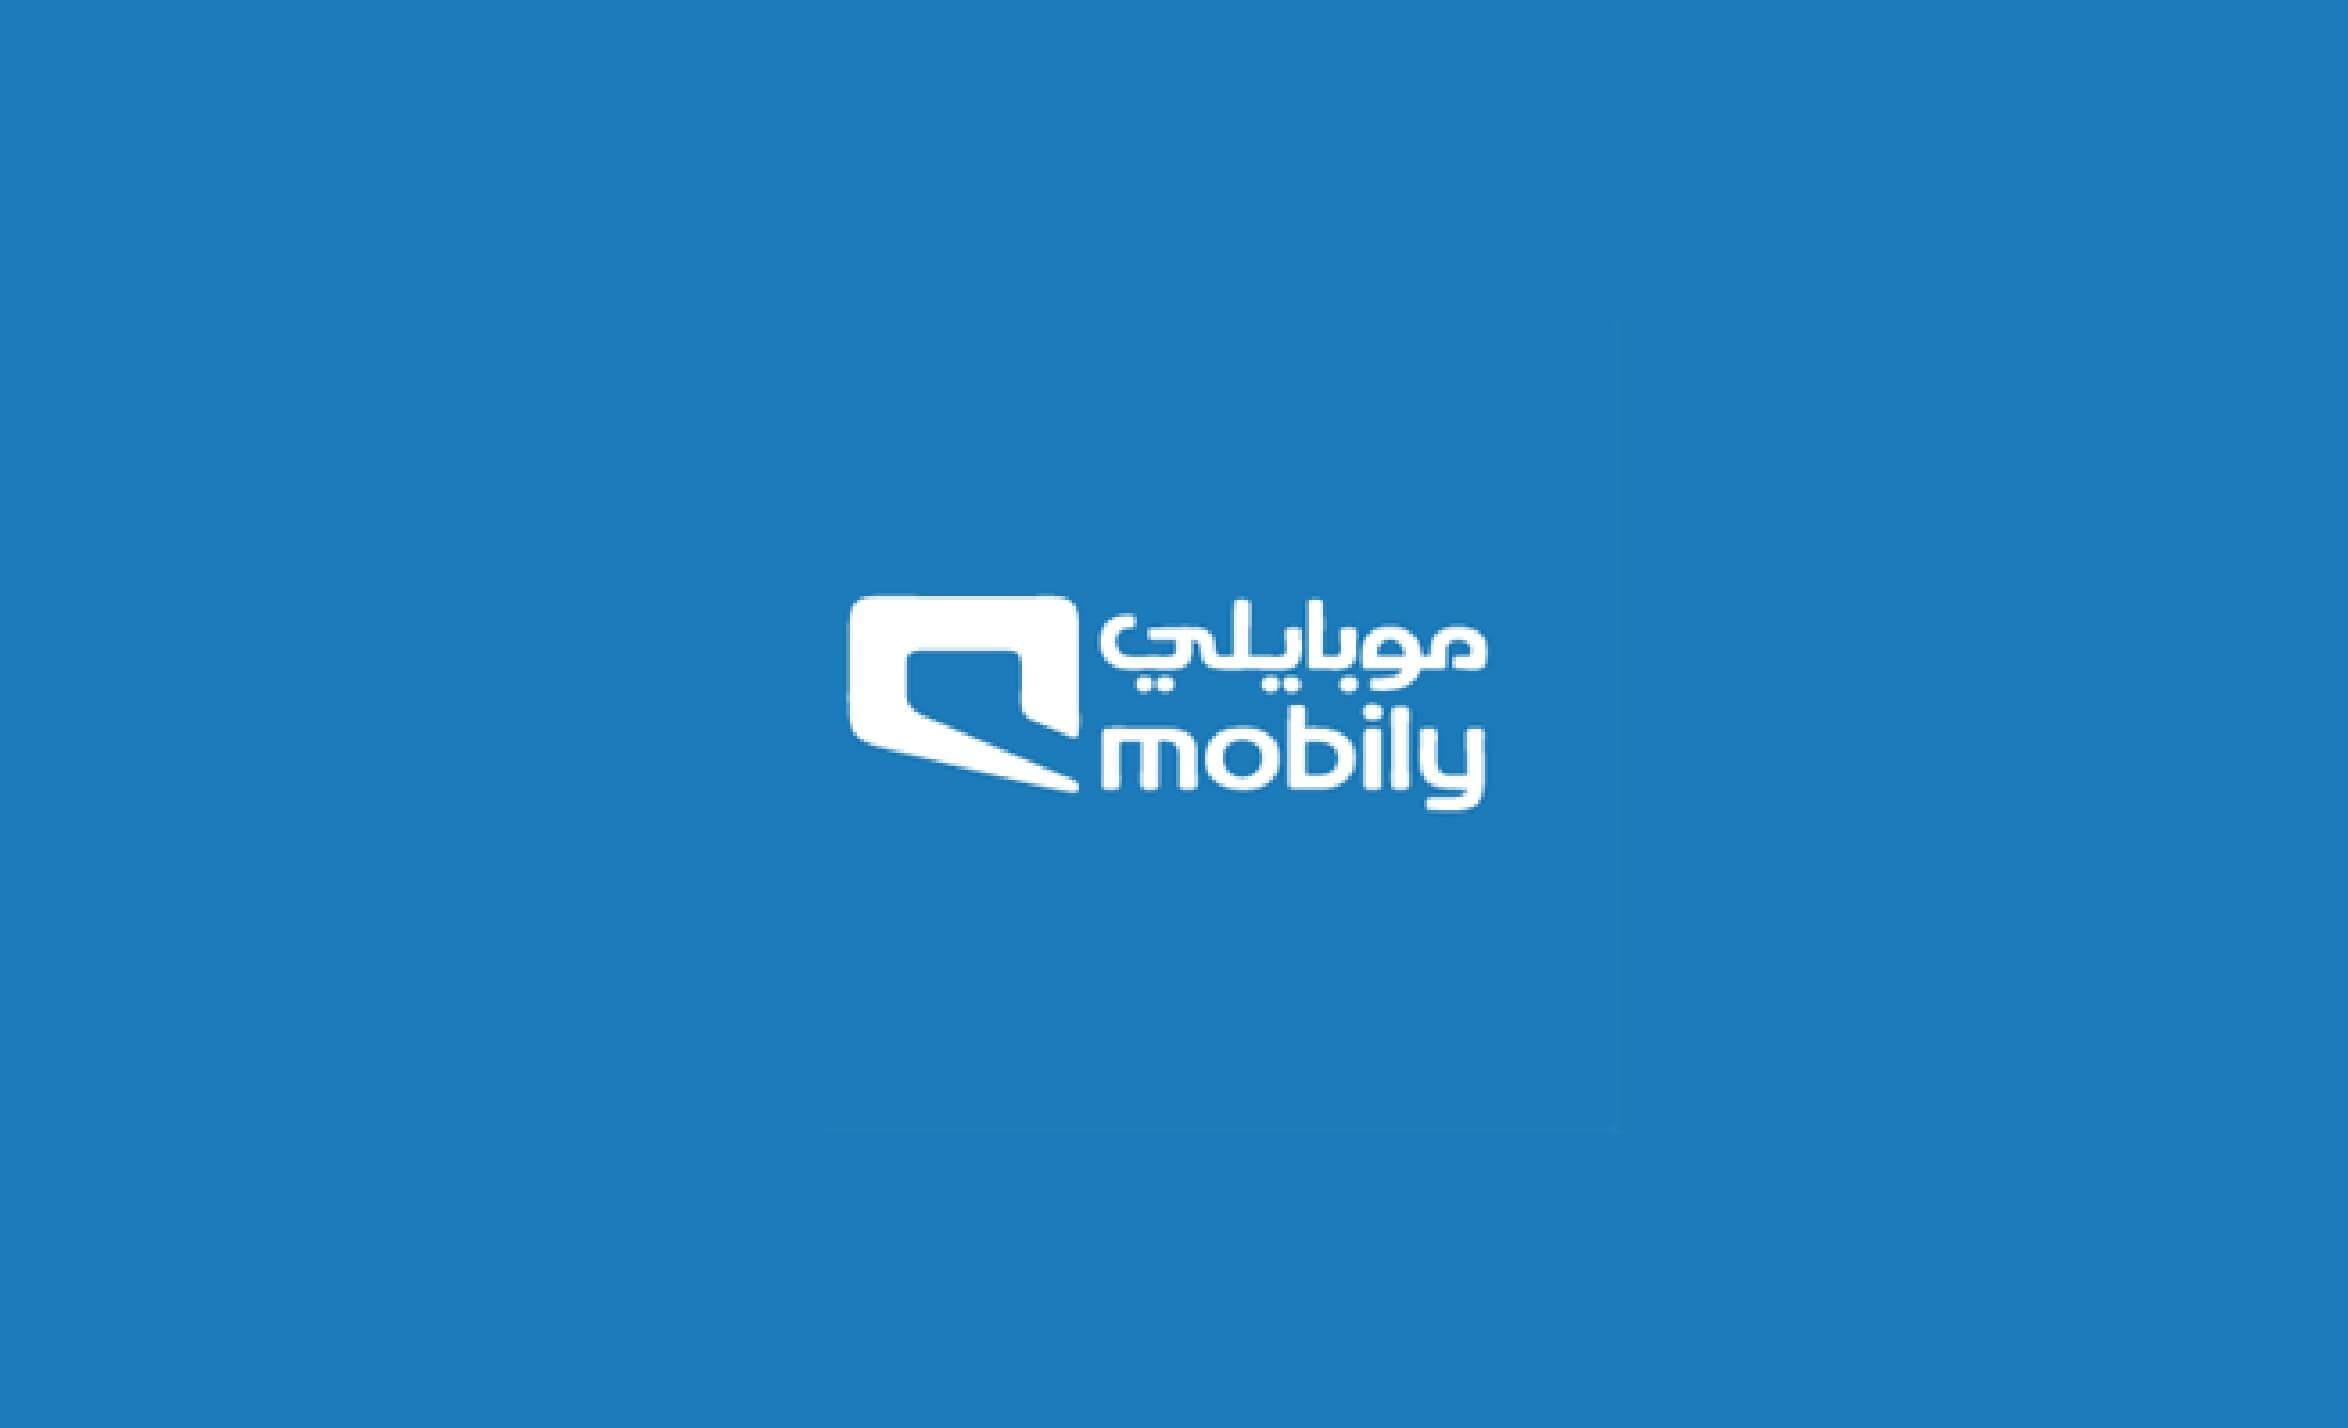 شركة موبايلي تعلن بدء التقديم في برنامج التدريب التعاوني لعام 2021م Allianz Logo Logos Letters